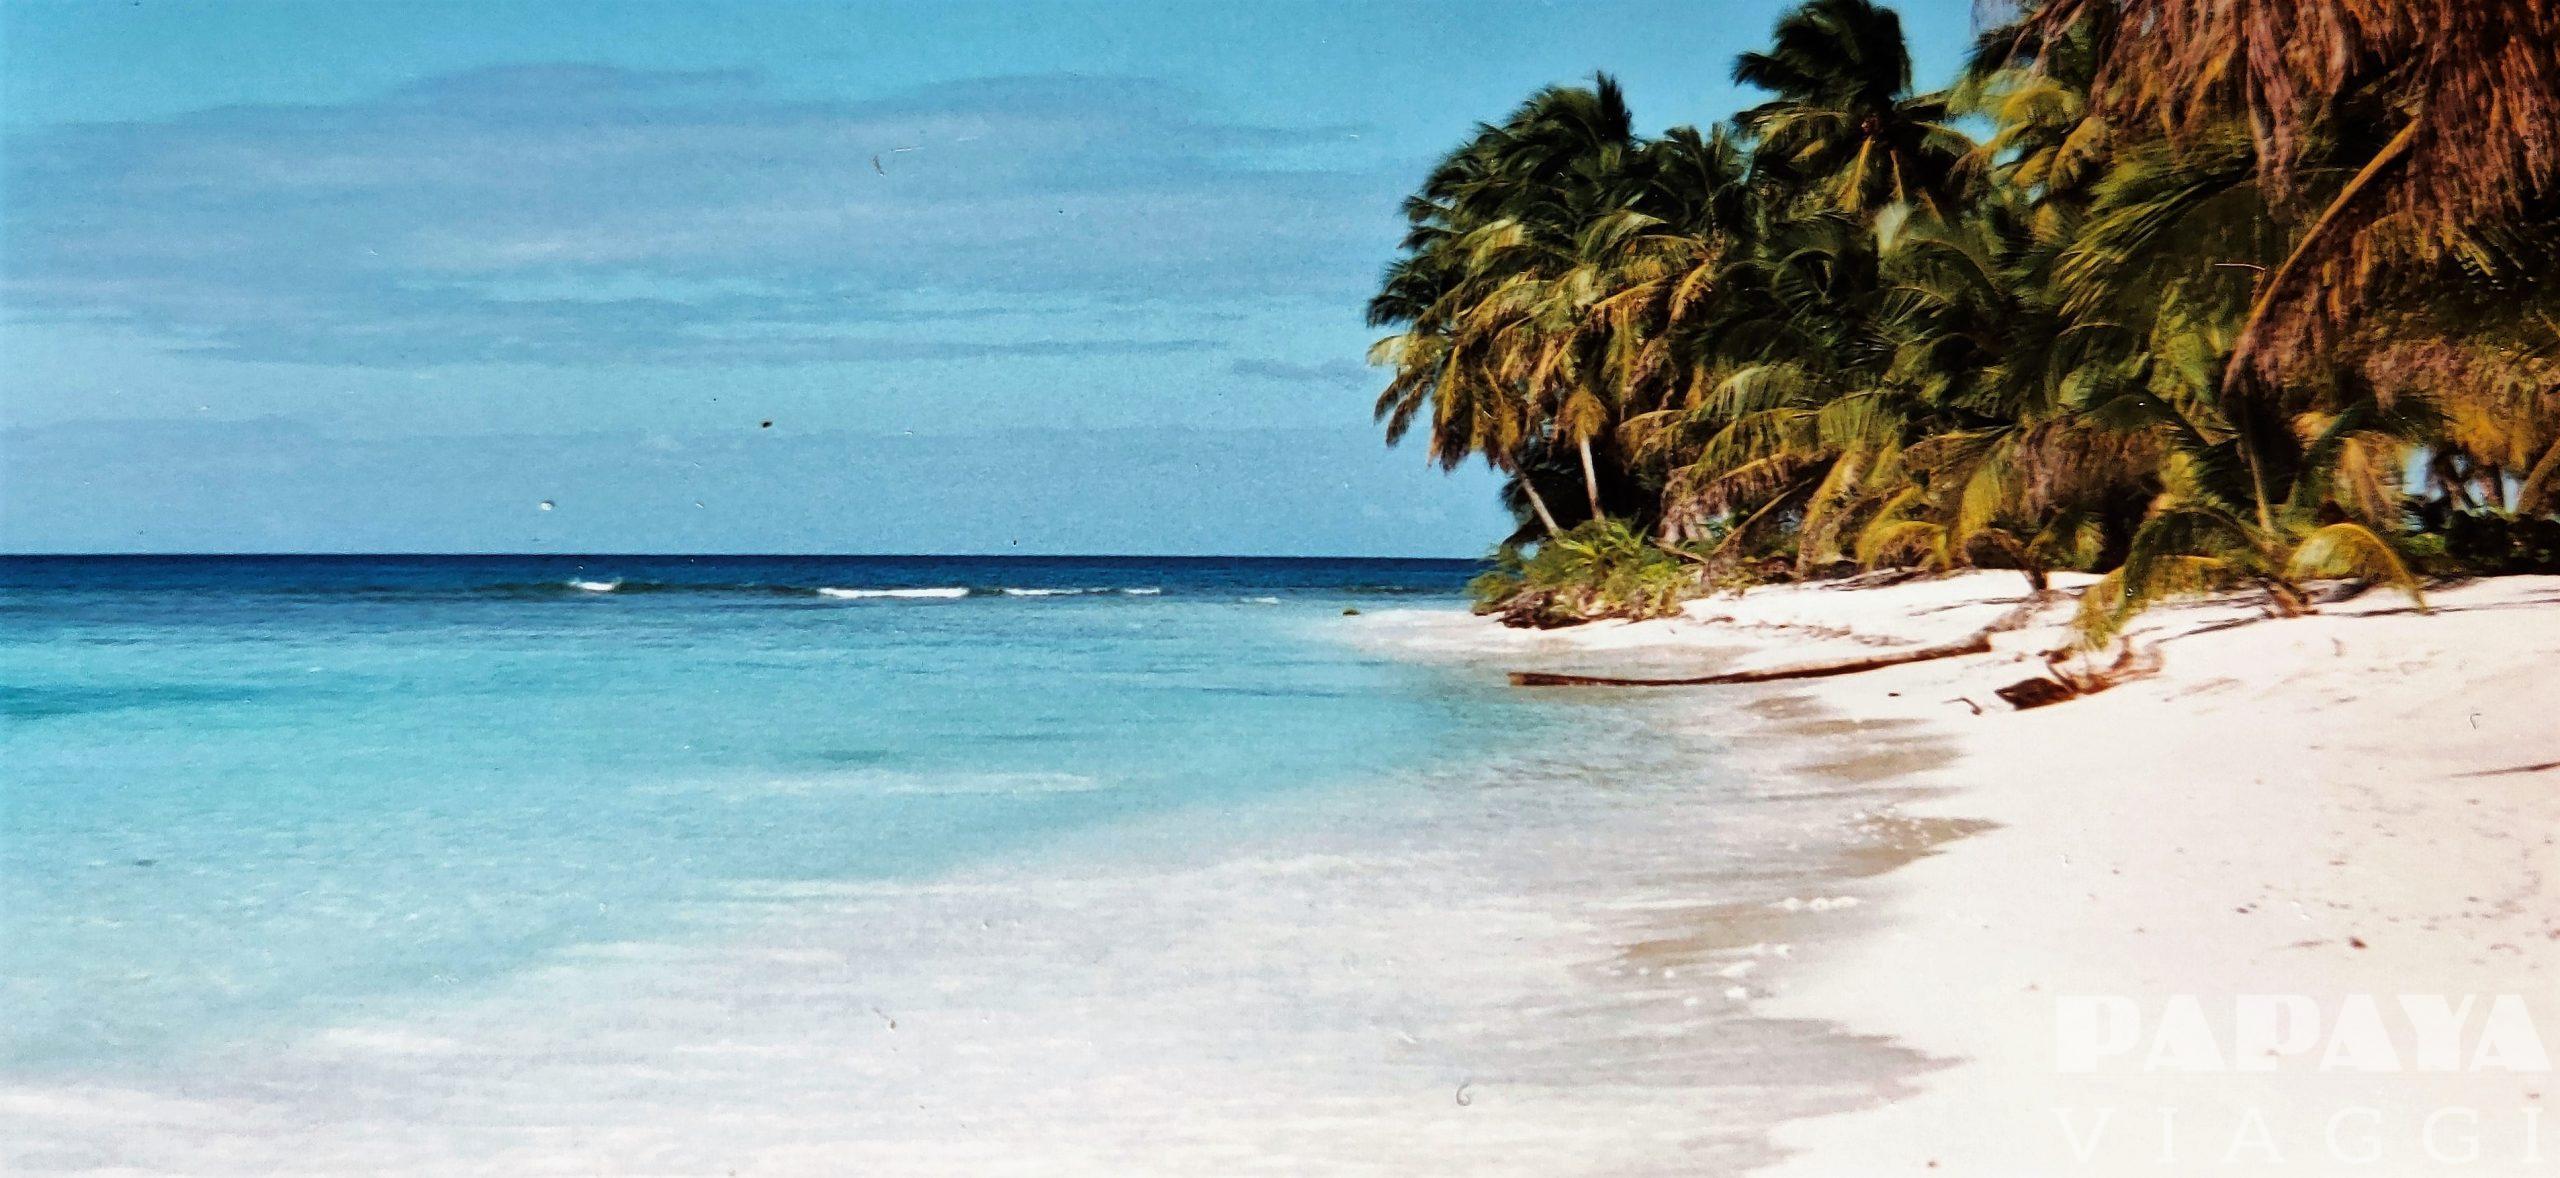 Repubblica Dominicana, la perla dei Caraibi